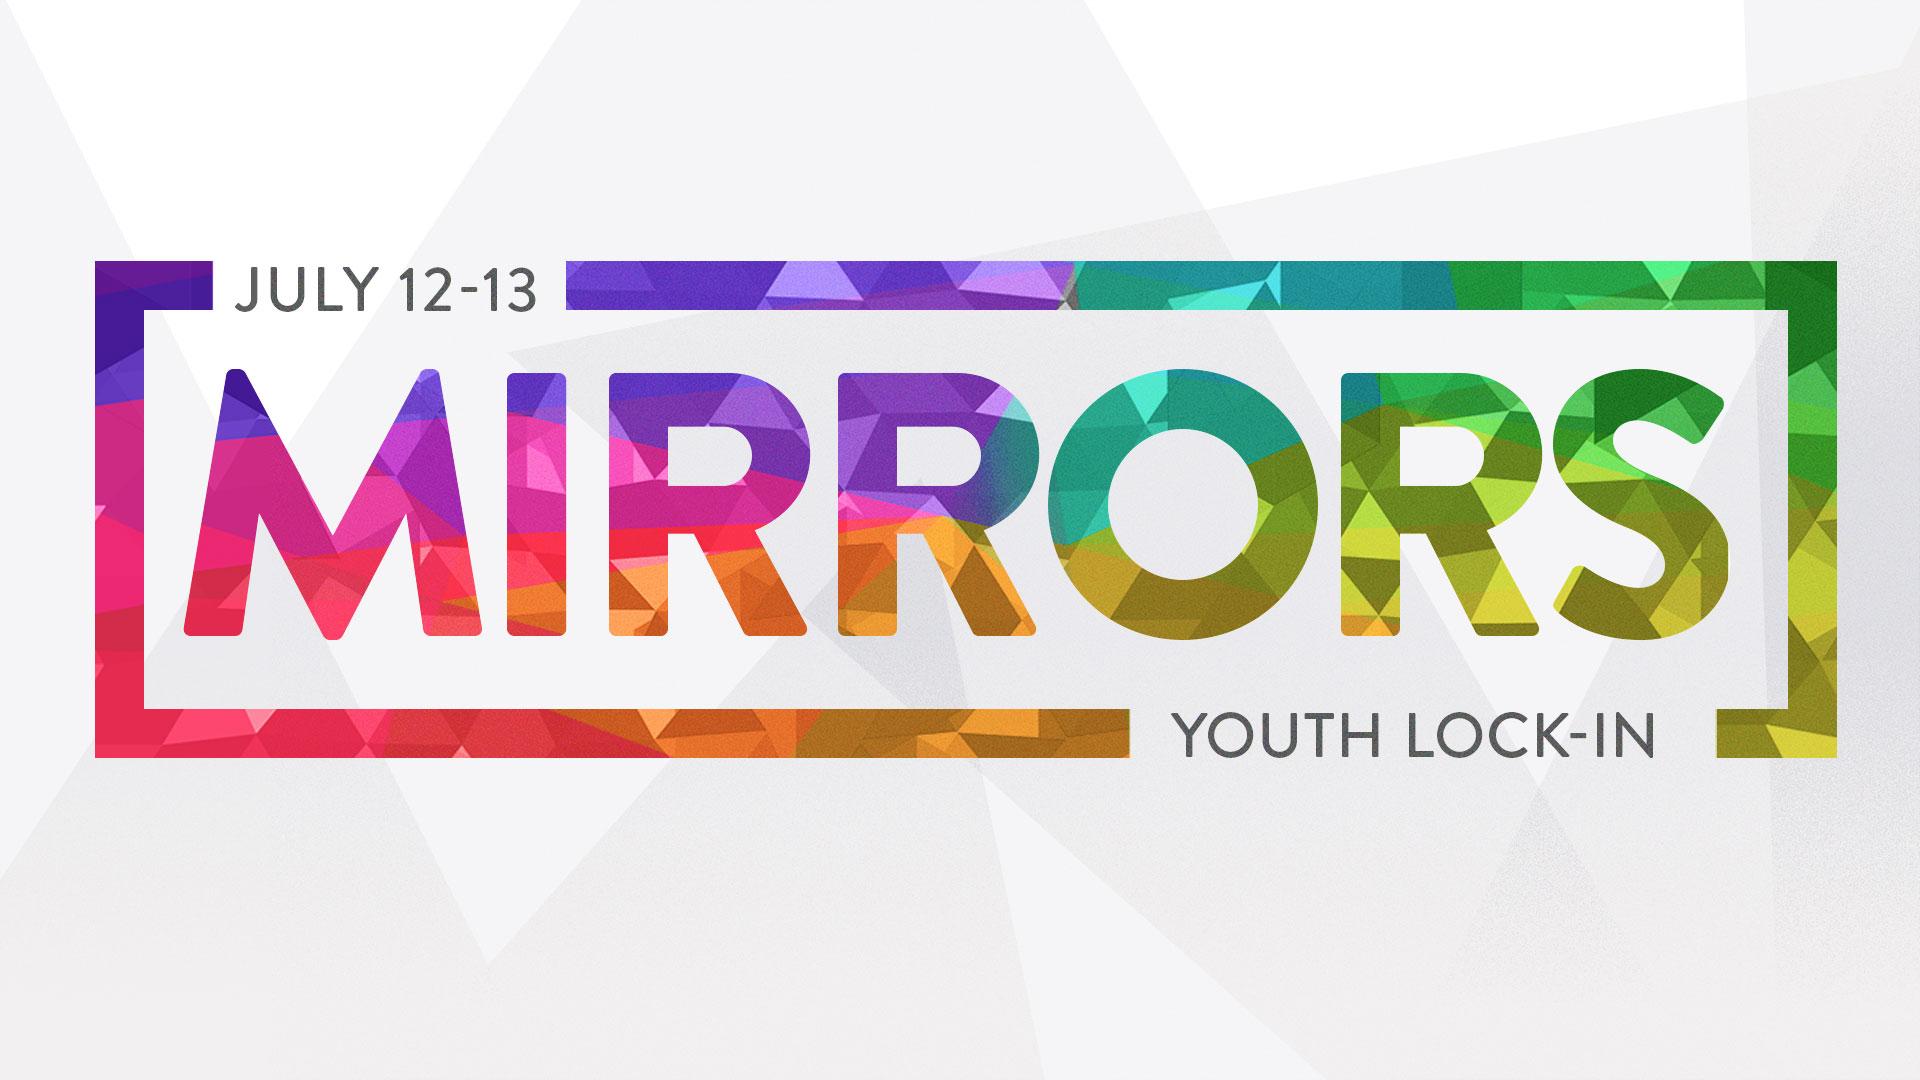 Mirrors_Lock-in2019_noURL.jpg